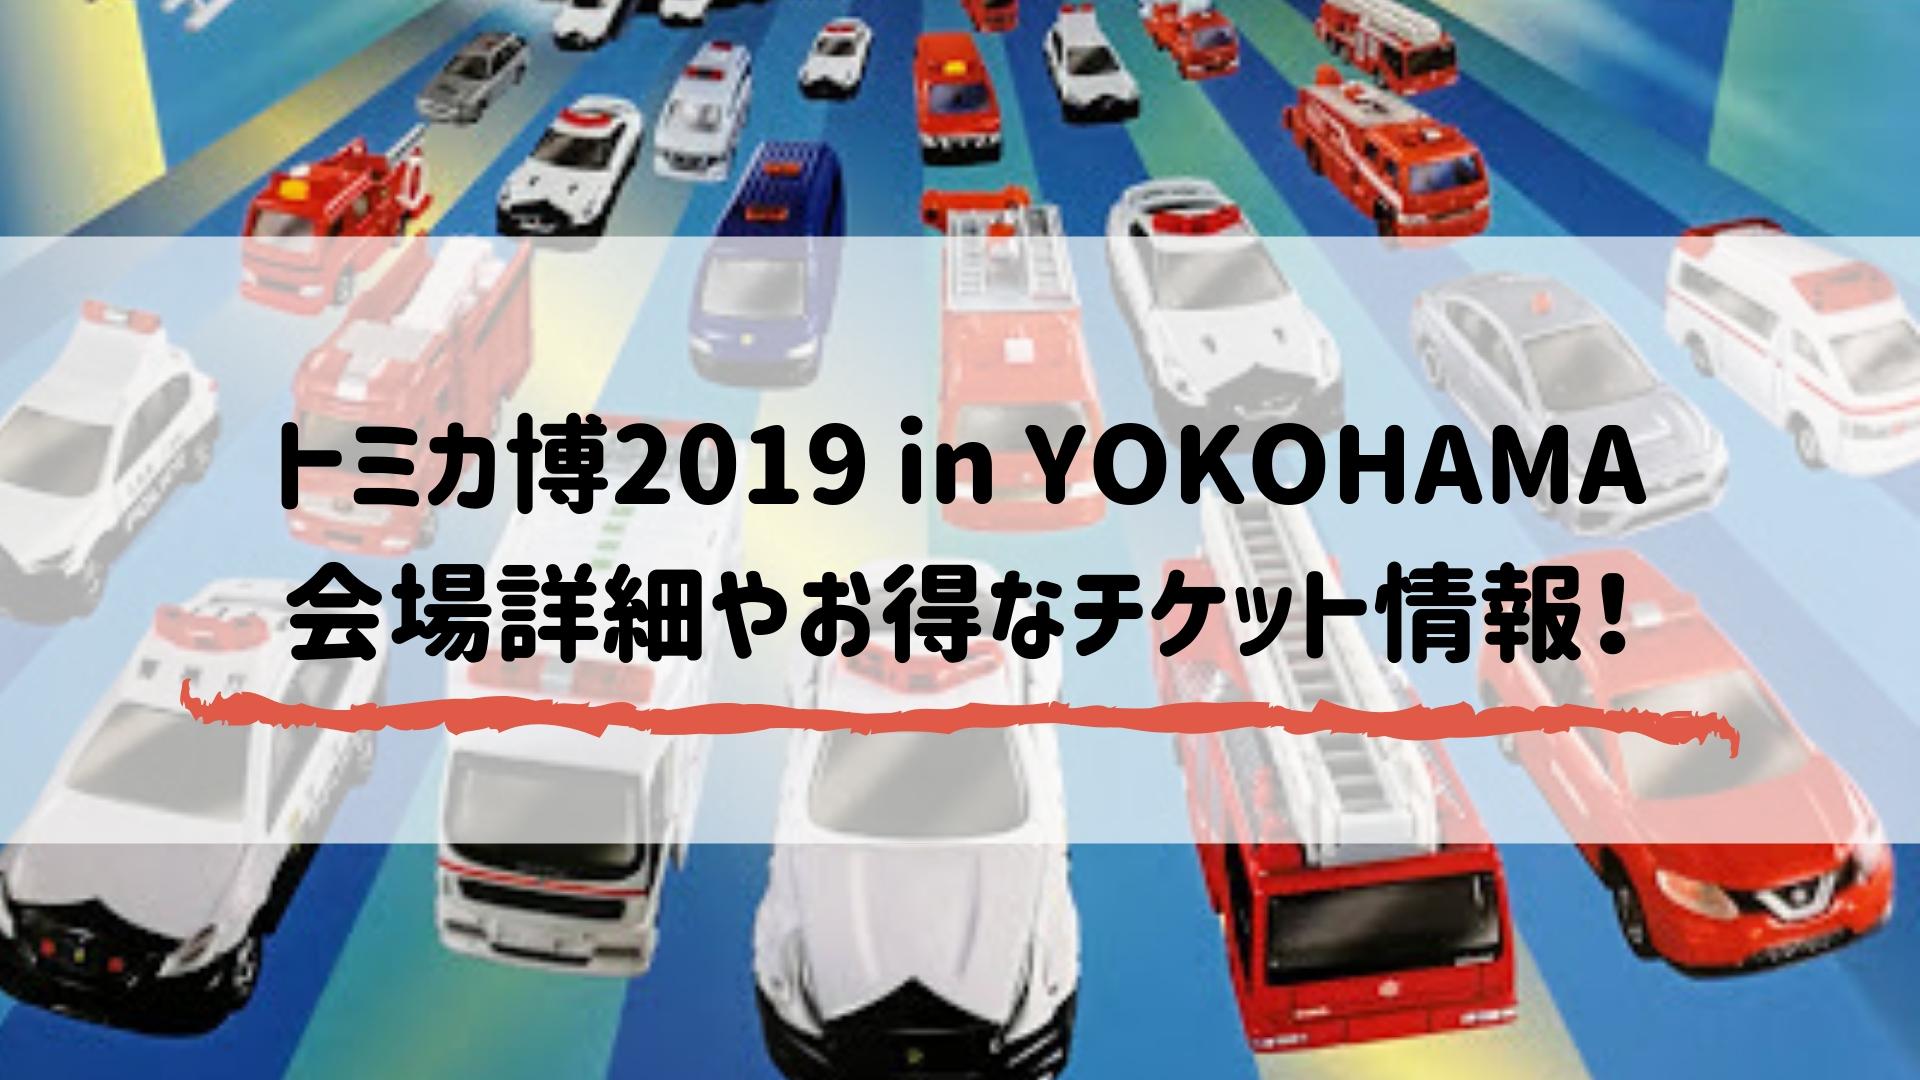 トミカ博2019 in YOKOHAMA 会場詳細やお得なチケット情報!